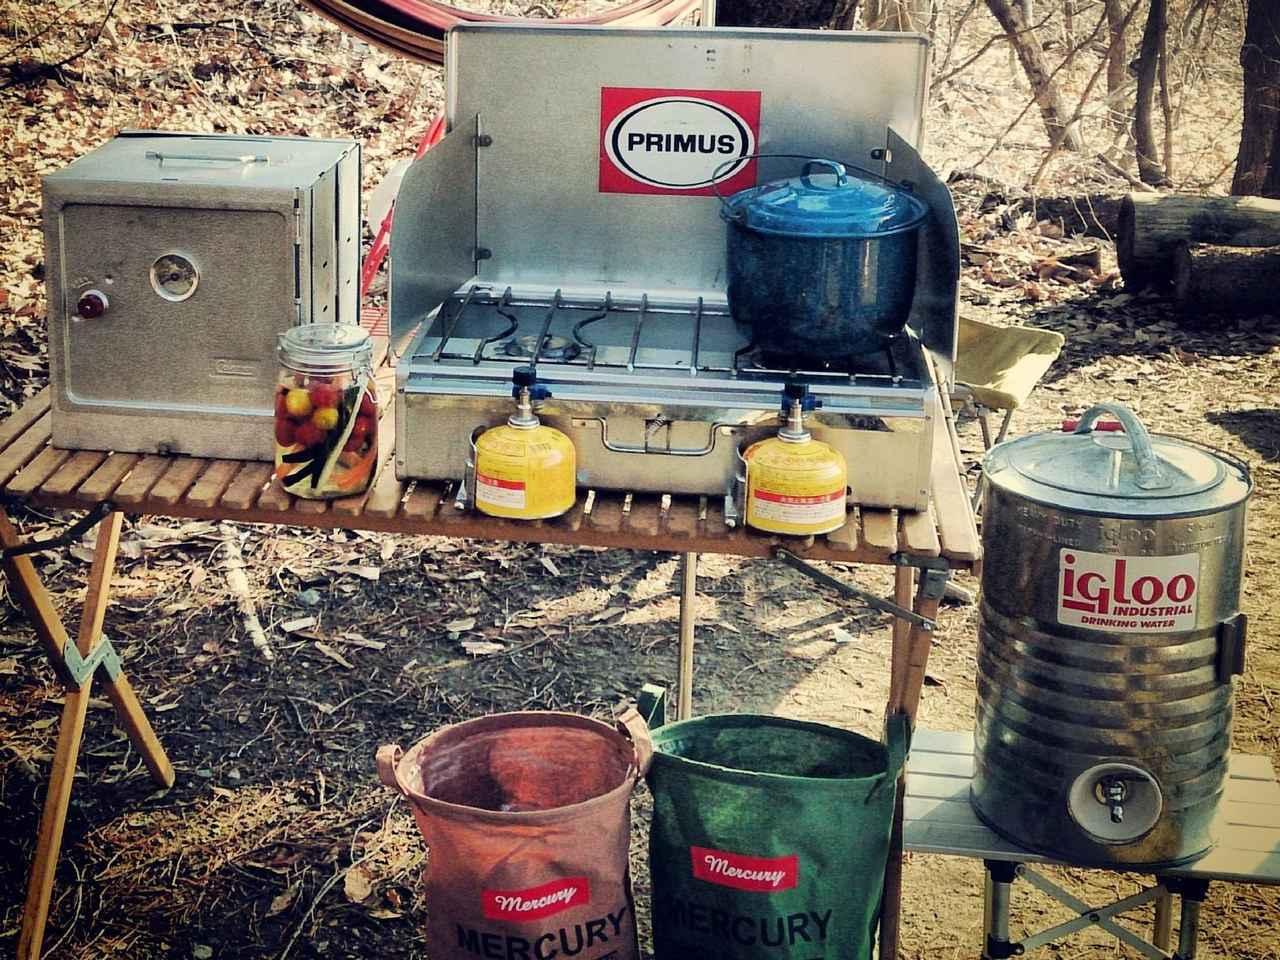 画像: おしゃれなゴミ箱があるだけでキャンプの快適さが段違い! タイプ別に探すのがおすすめ